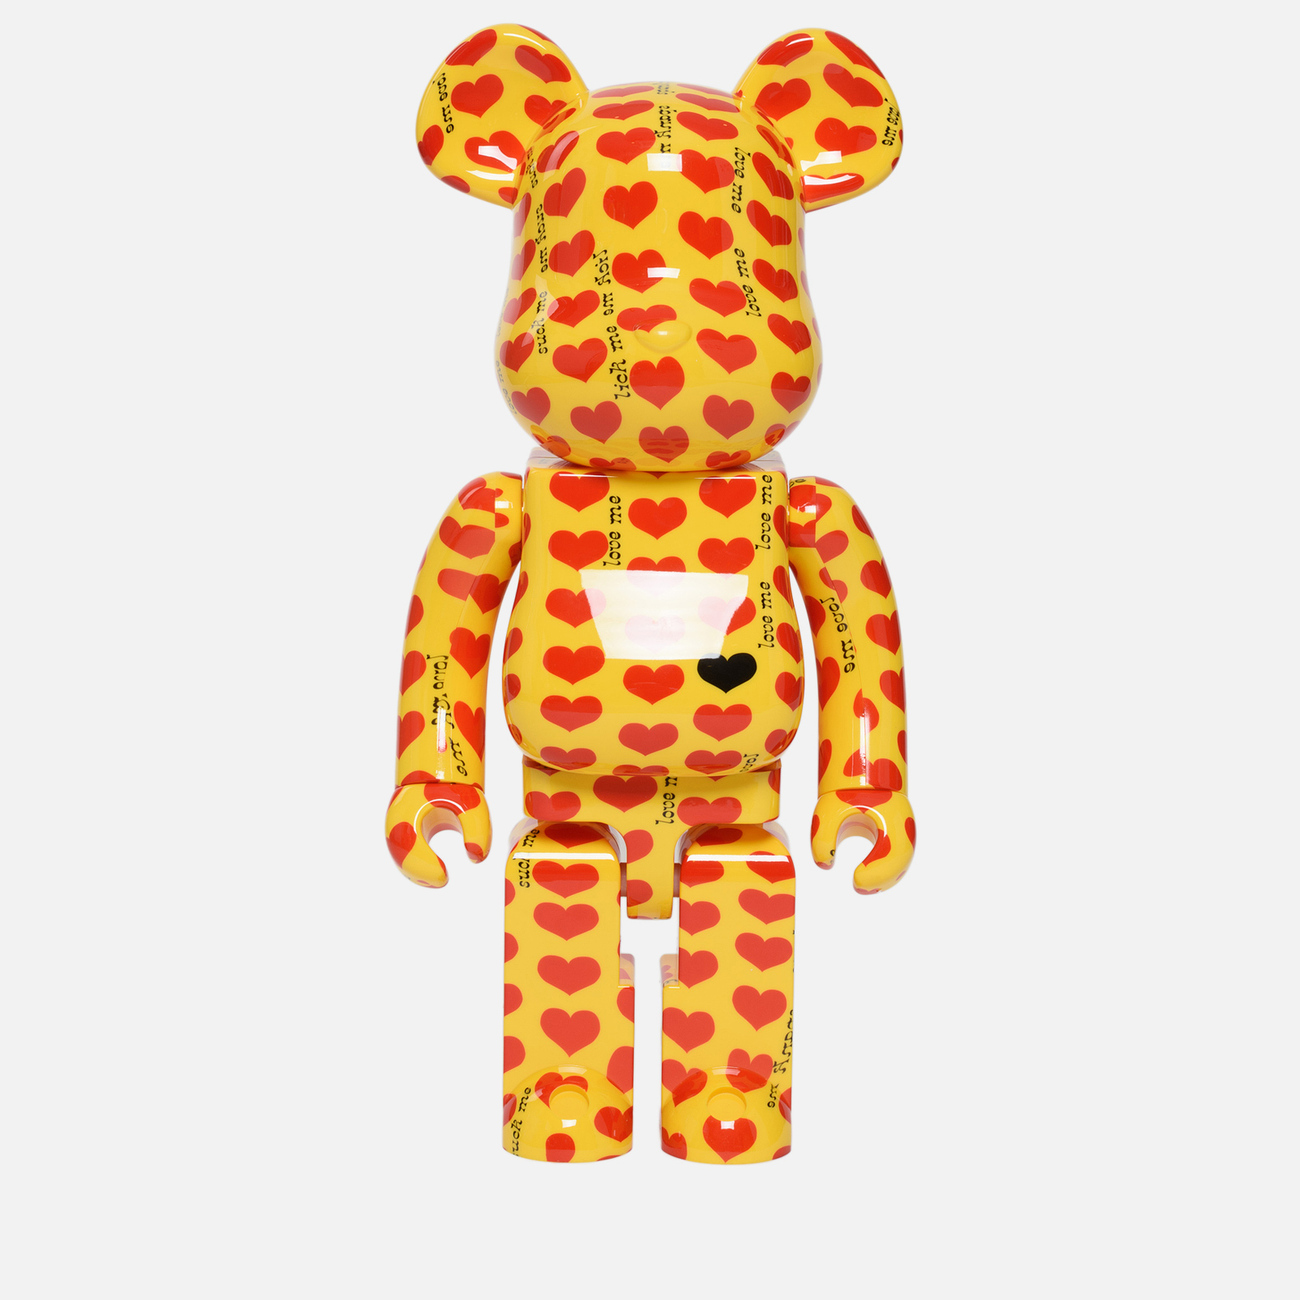 Игрушка Medicom Toy Bearbrick Yellow Heart 1000%